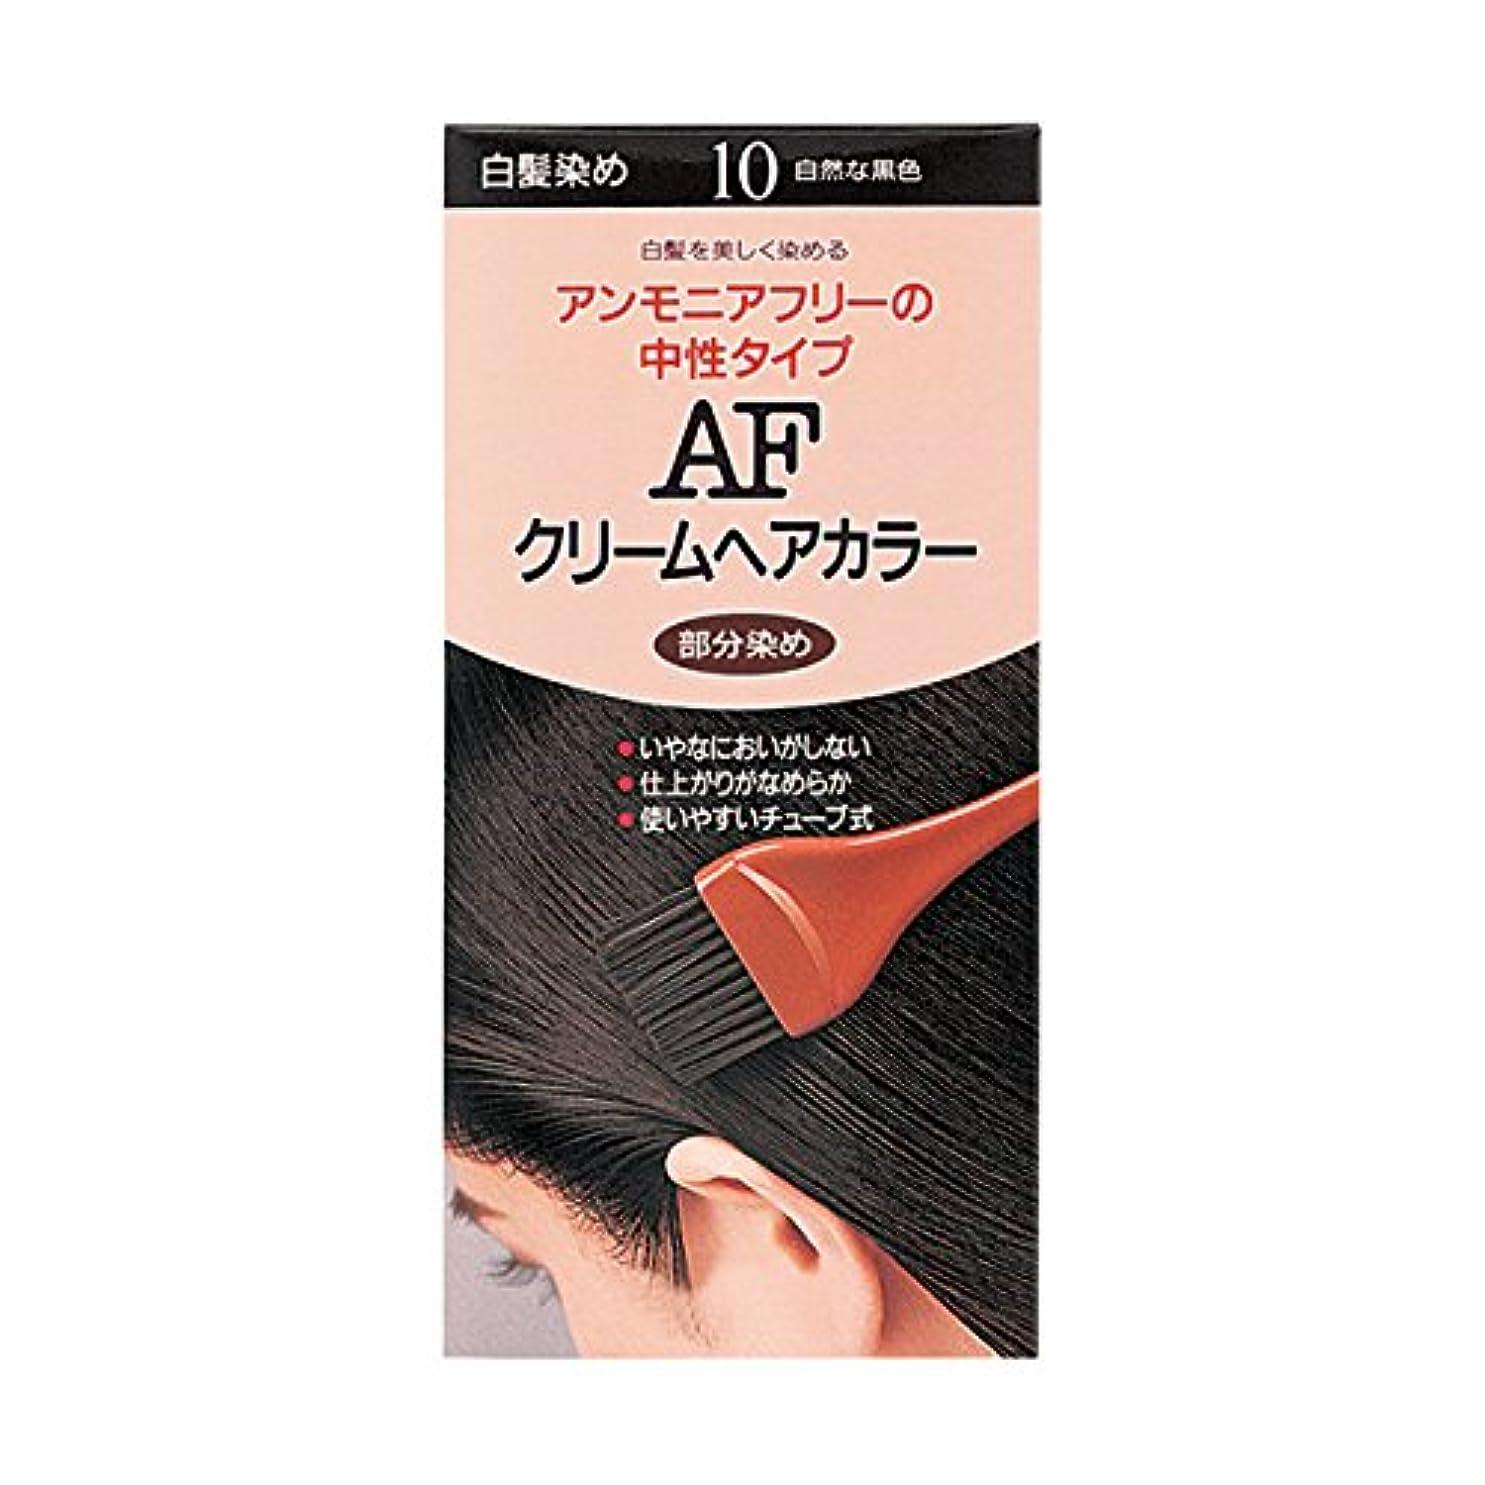 はげこどもの日ナインへヘアカラー AFクリームヘアカラー 10 【医薬部外品】